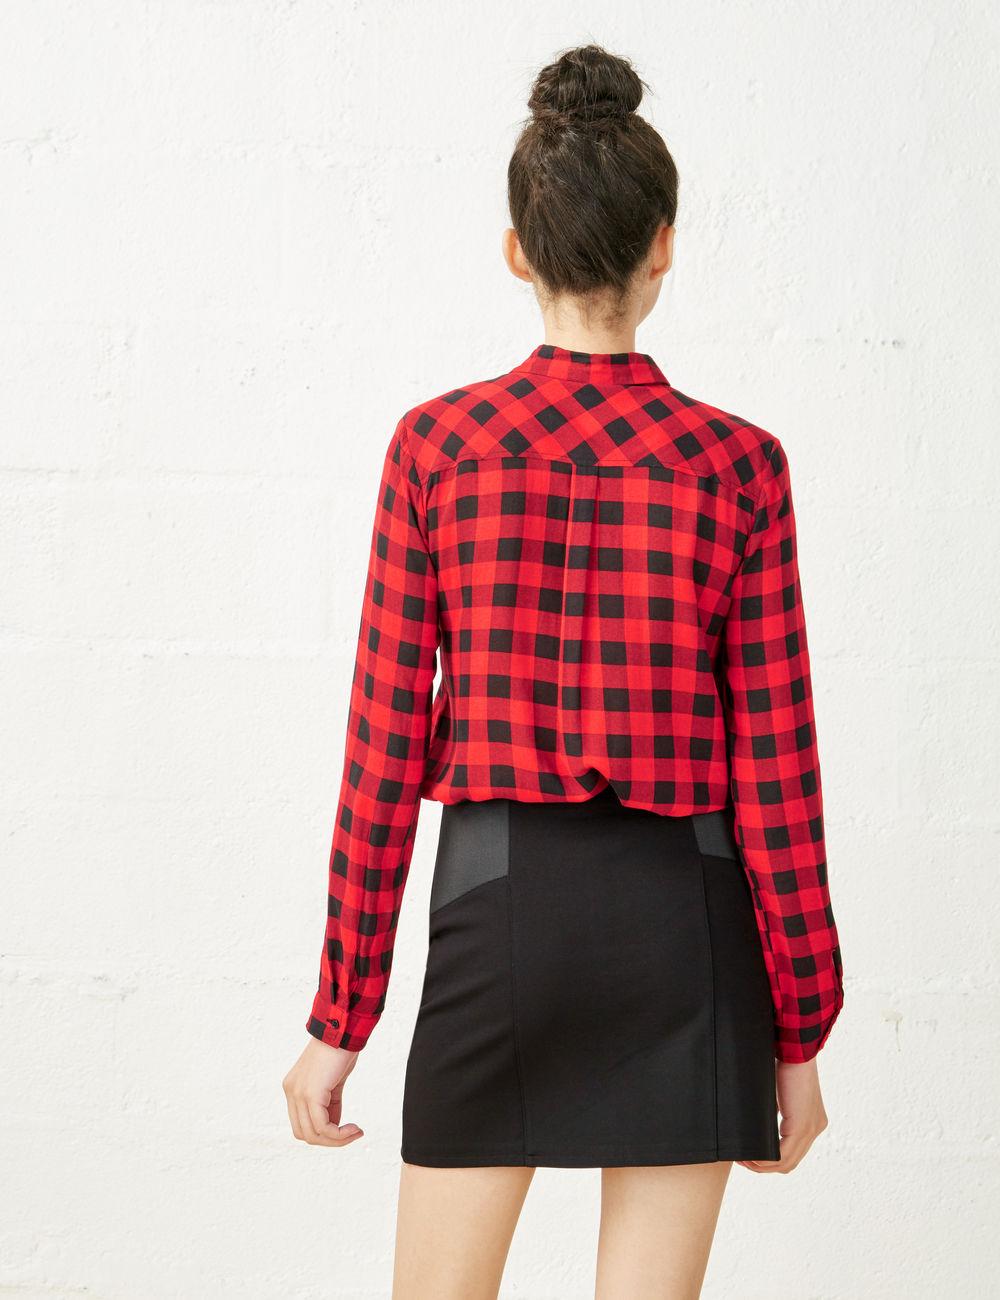 Chemise Rouge Et Noir A Carreaux Femme Electrogagnant